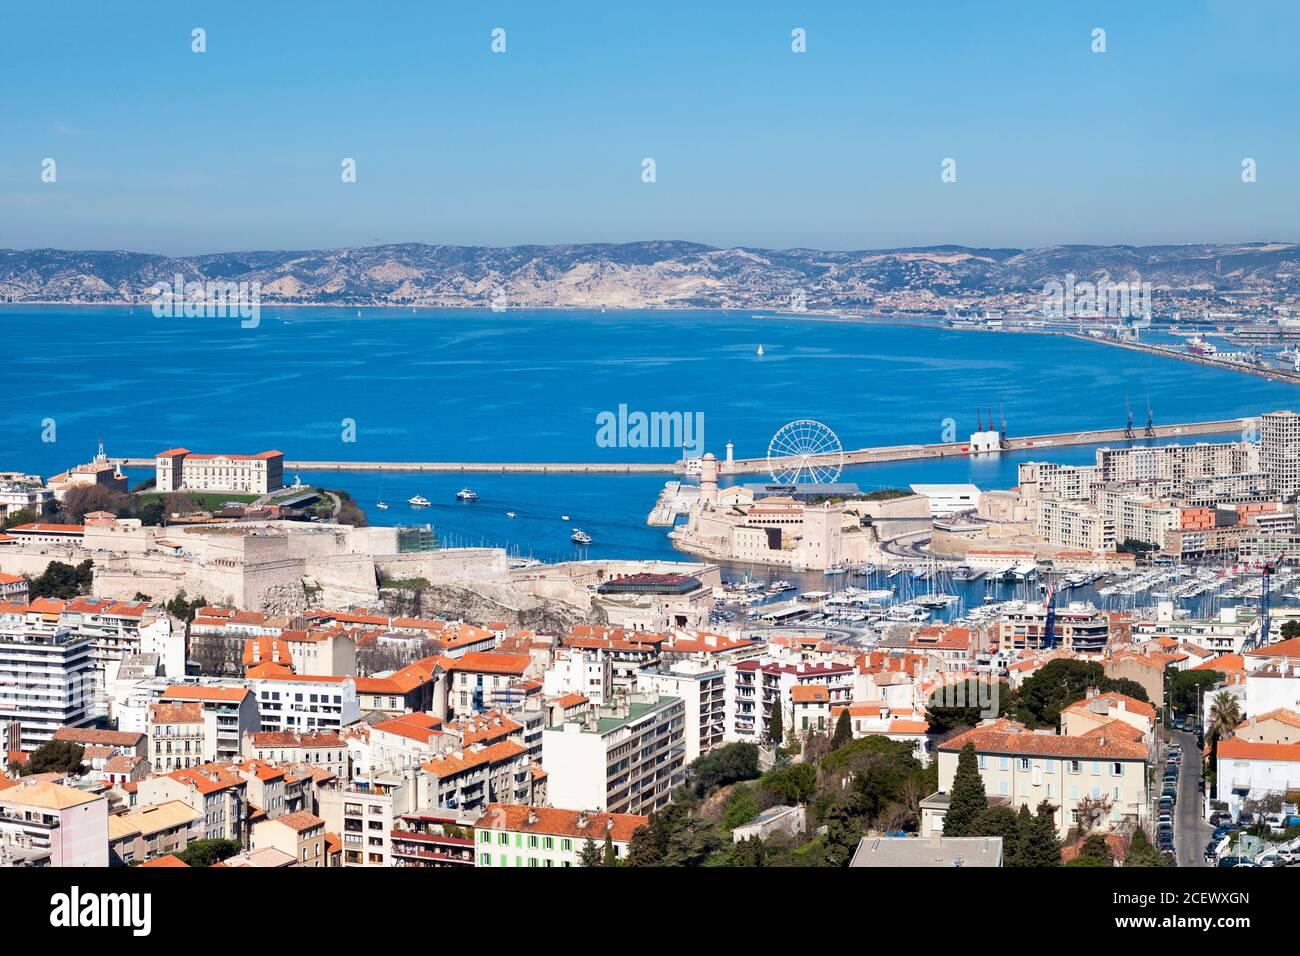 Luftaufnahme des Vieux Port von Marseille mit dem Fort Saint-Jean, dem Palais Pharo und dem Fort Saint-Nicolas. Stockfoto